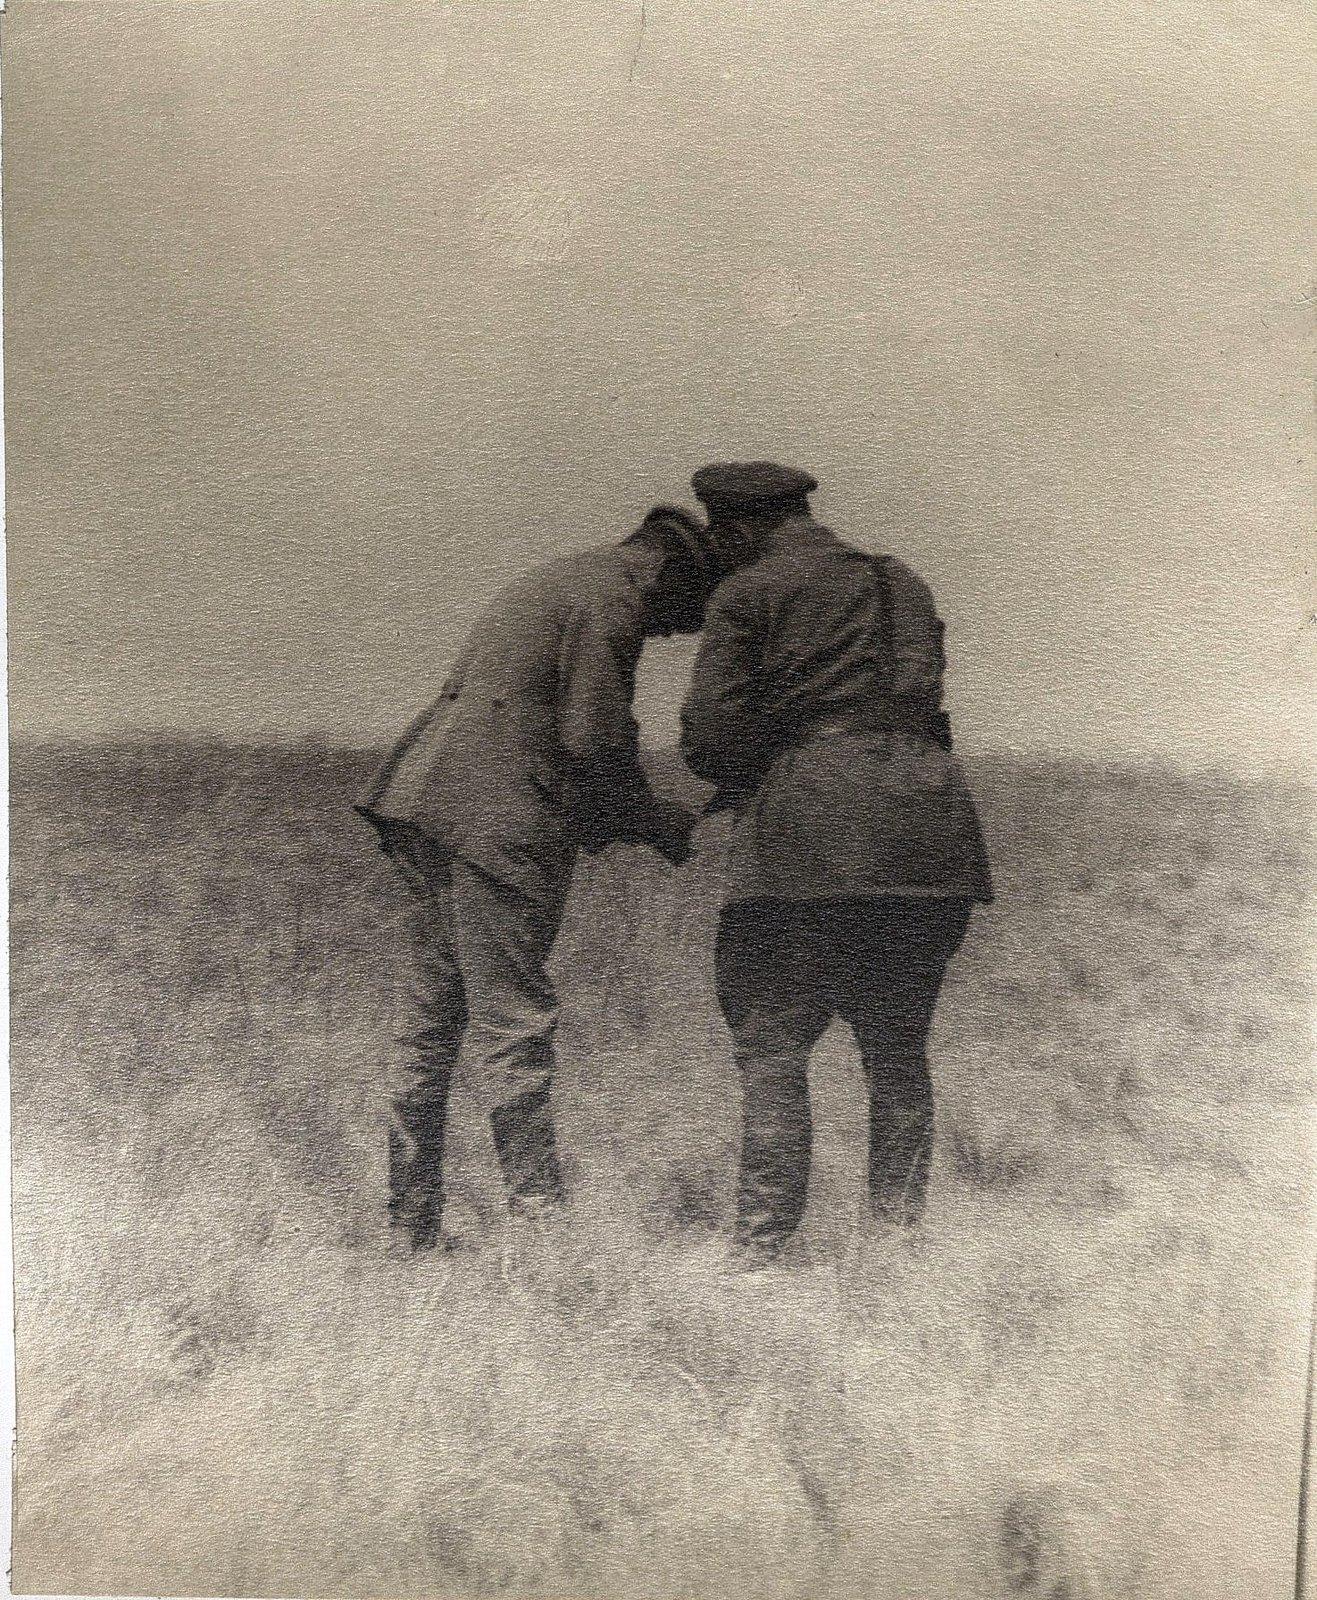 55. И.В. Сталин и сотрудник охраны в Сальских степях. Август 1933